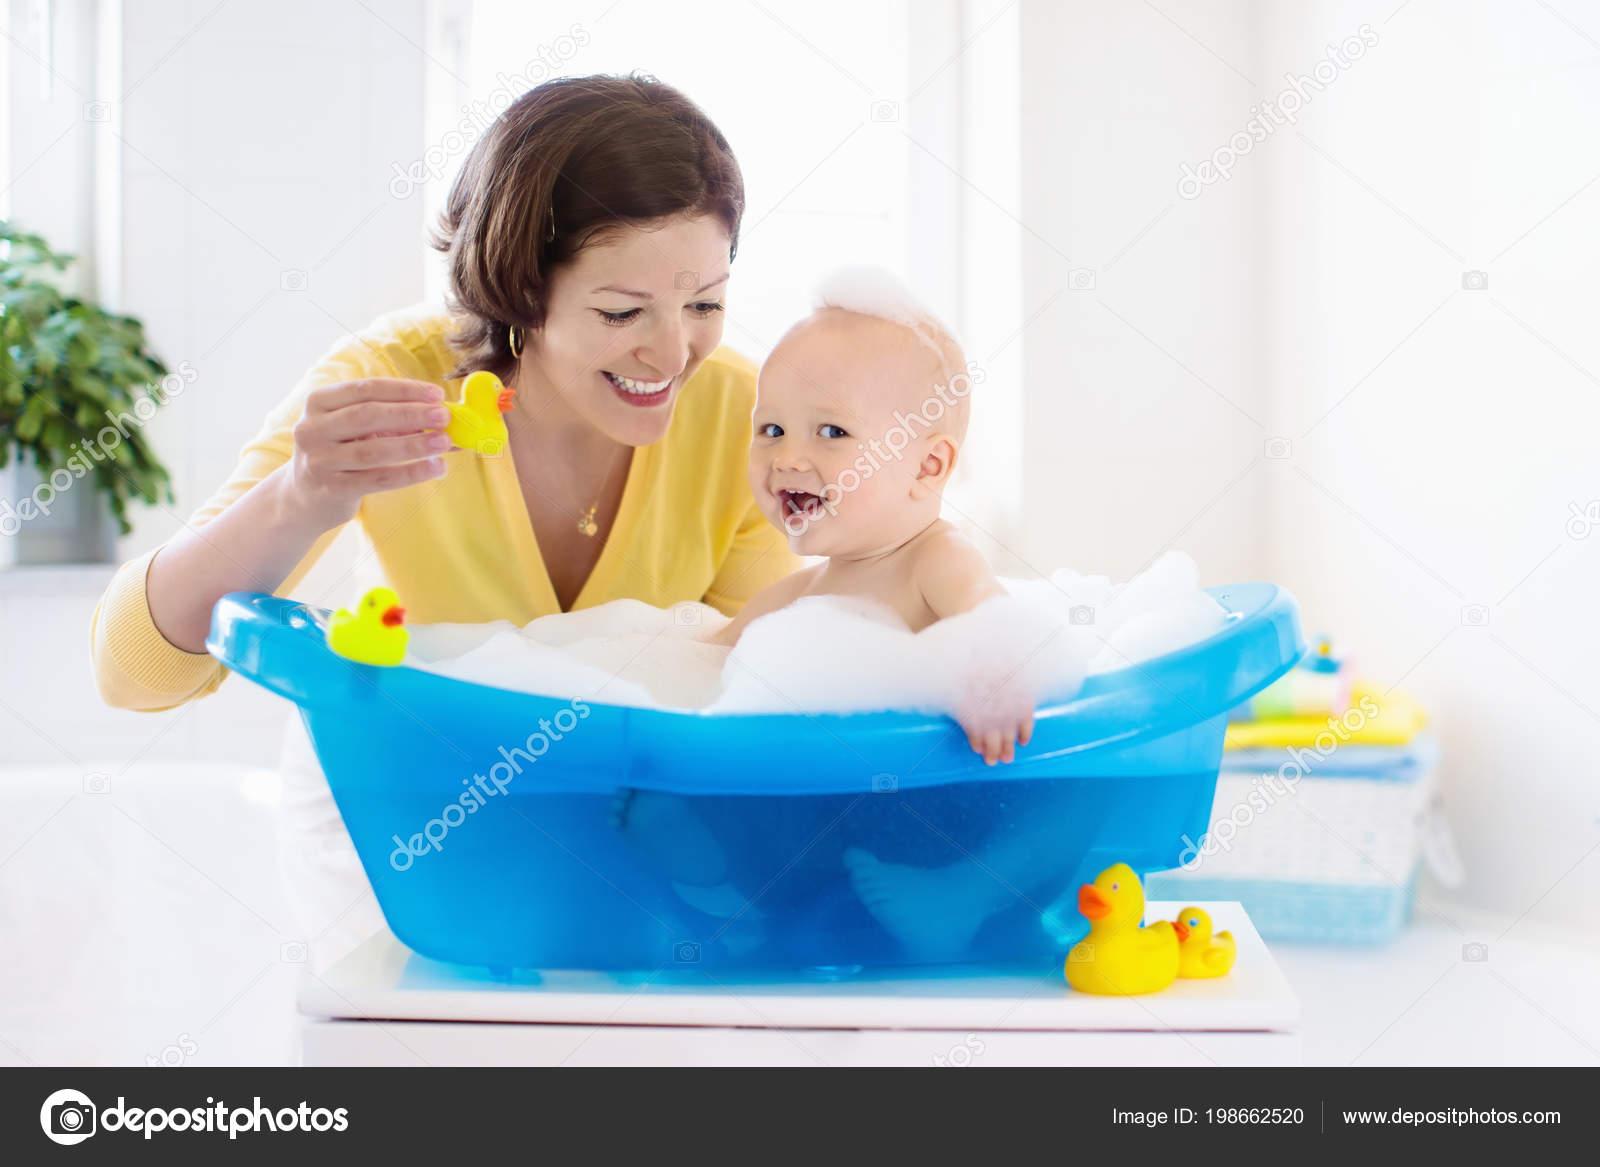 Glückliches Baby Ein Bad Mit Schaum Blasen Spielen Zu Nehmen. Mutter  Waschen Kleiner Junge. Kleines Kind In Einer Badewanne. Kinder Im Badezimmer  Mit ...